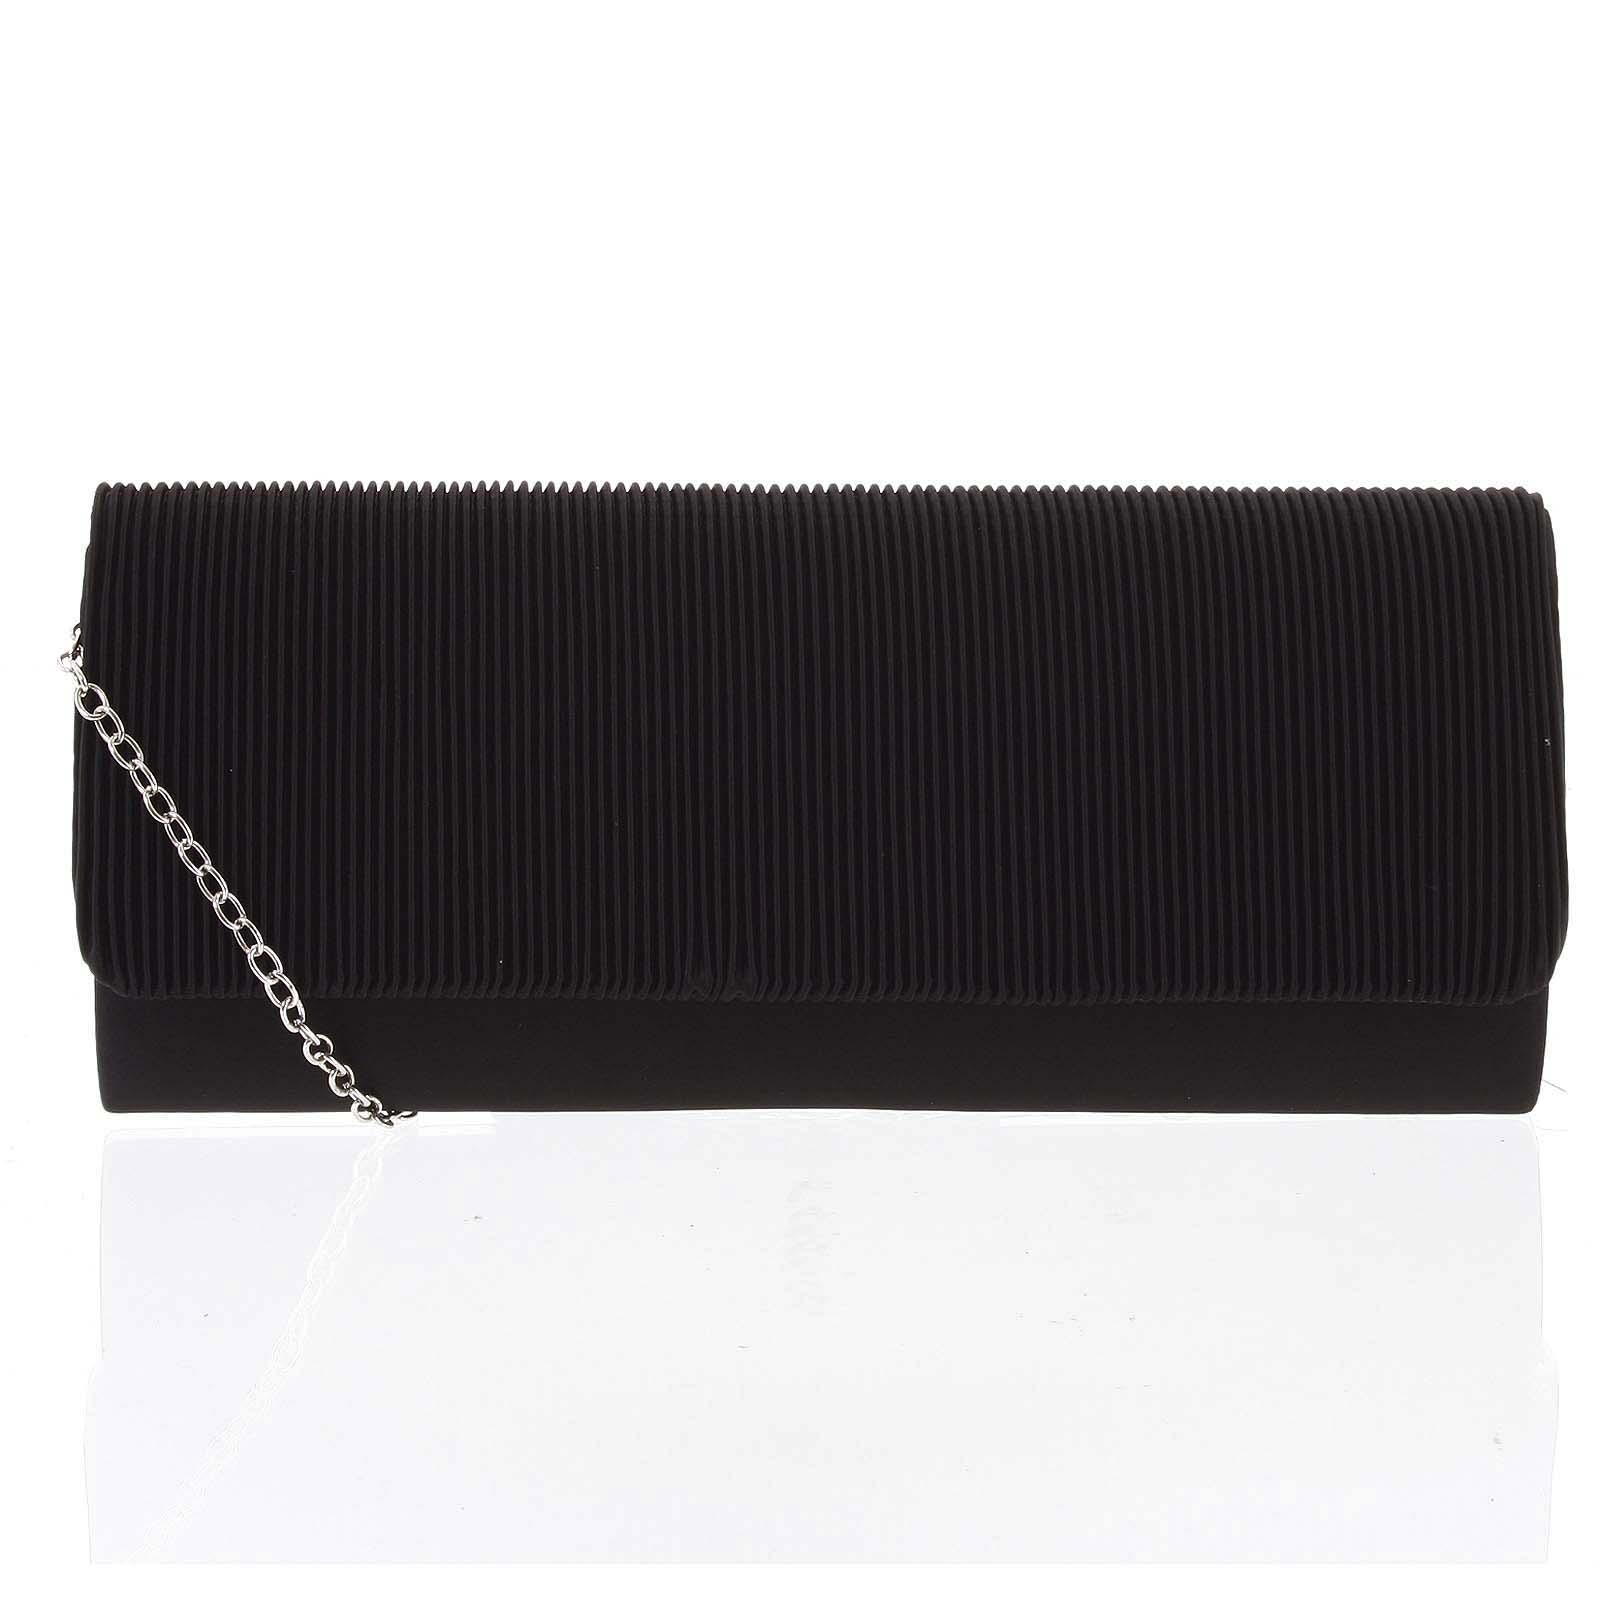 Dámska listová kabelka čierna - Michelle Moon Loide